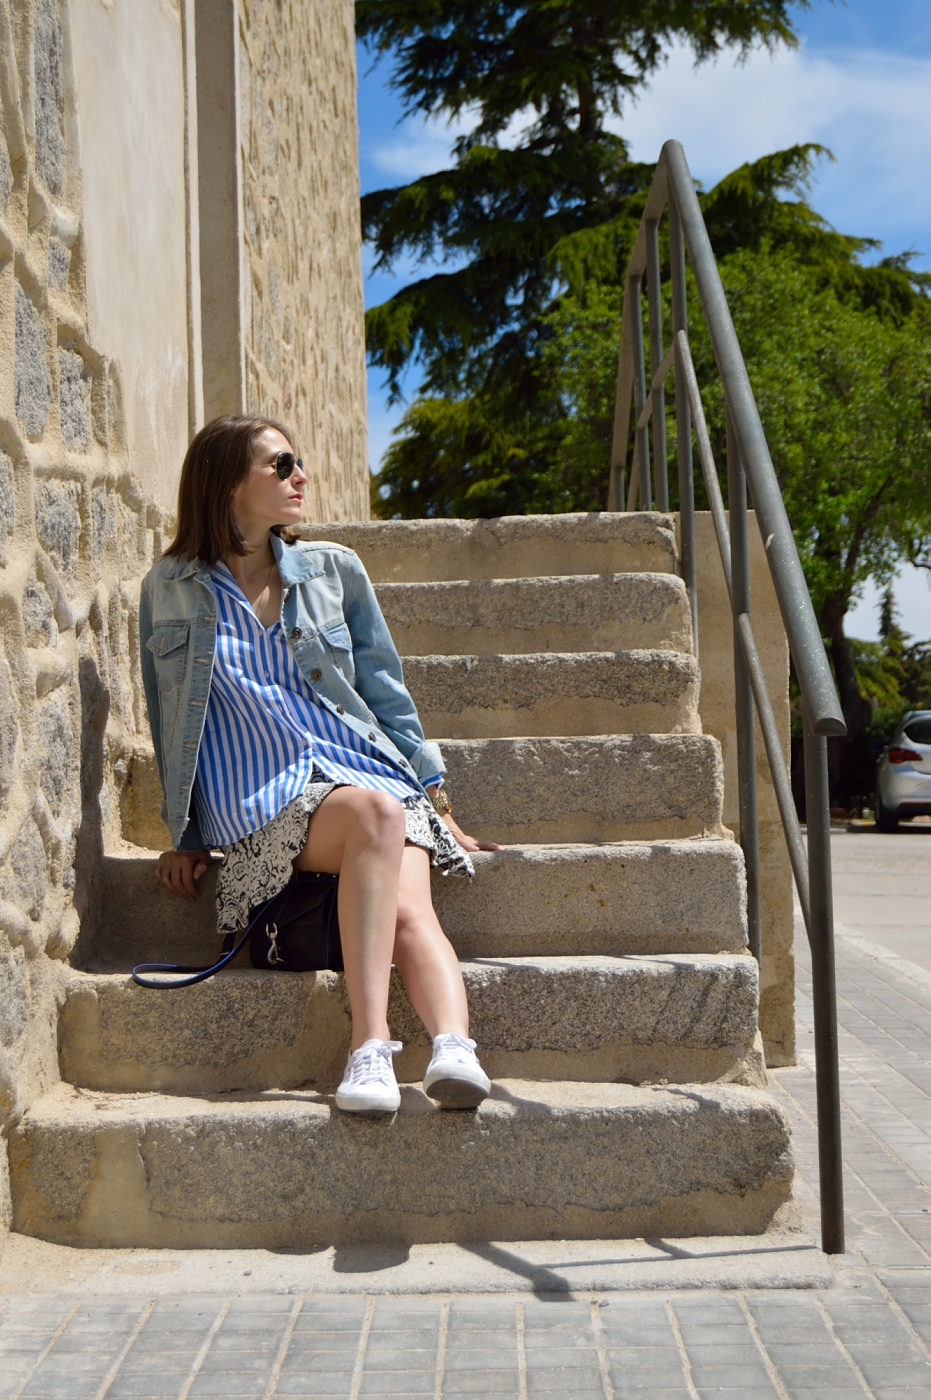 lara-vazquez-mad-lula-fashion-blog-glamour-style-madlula-stripes-mixing-matching